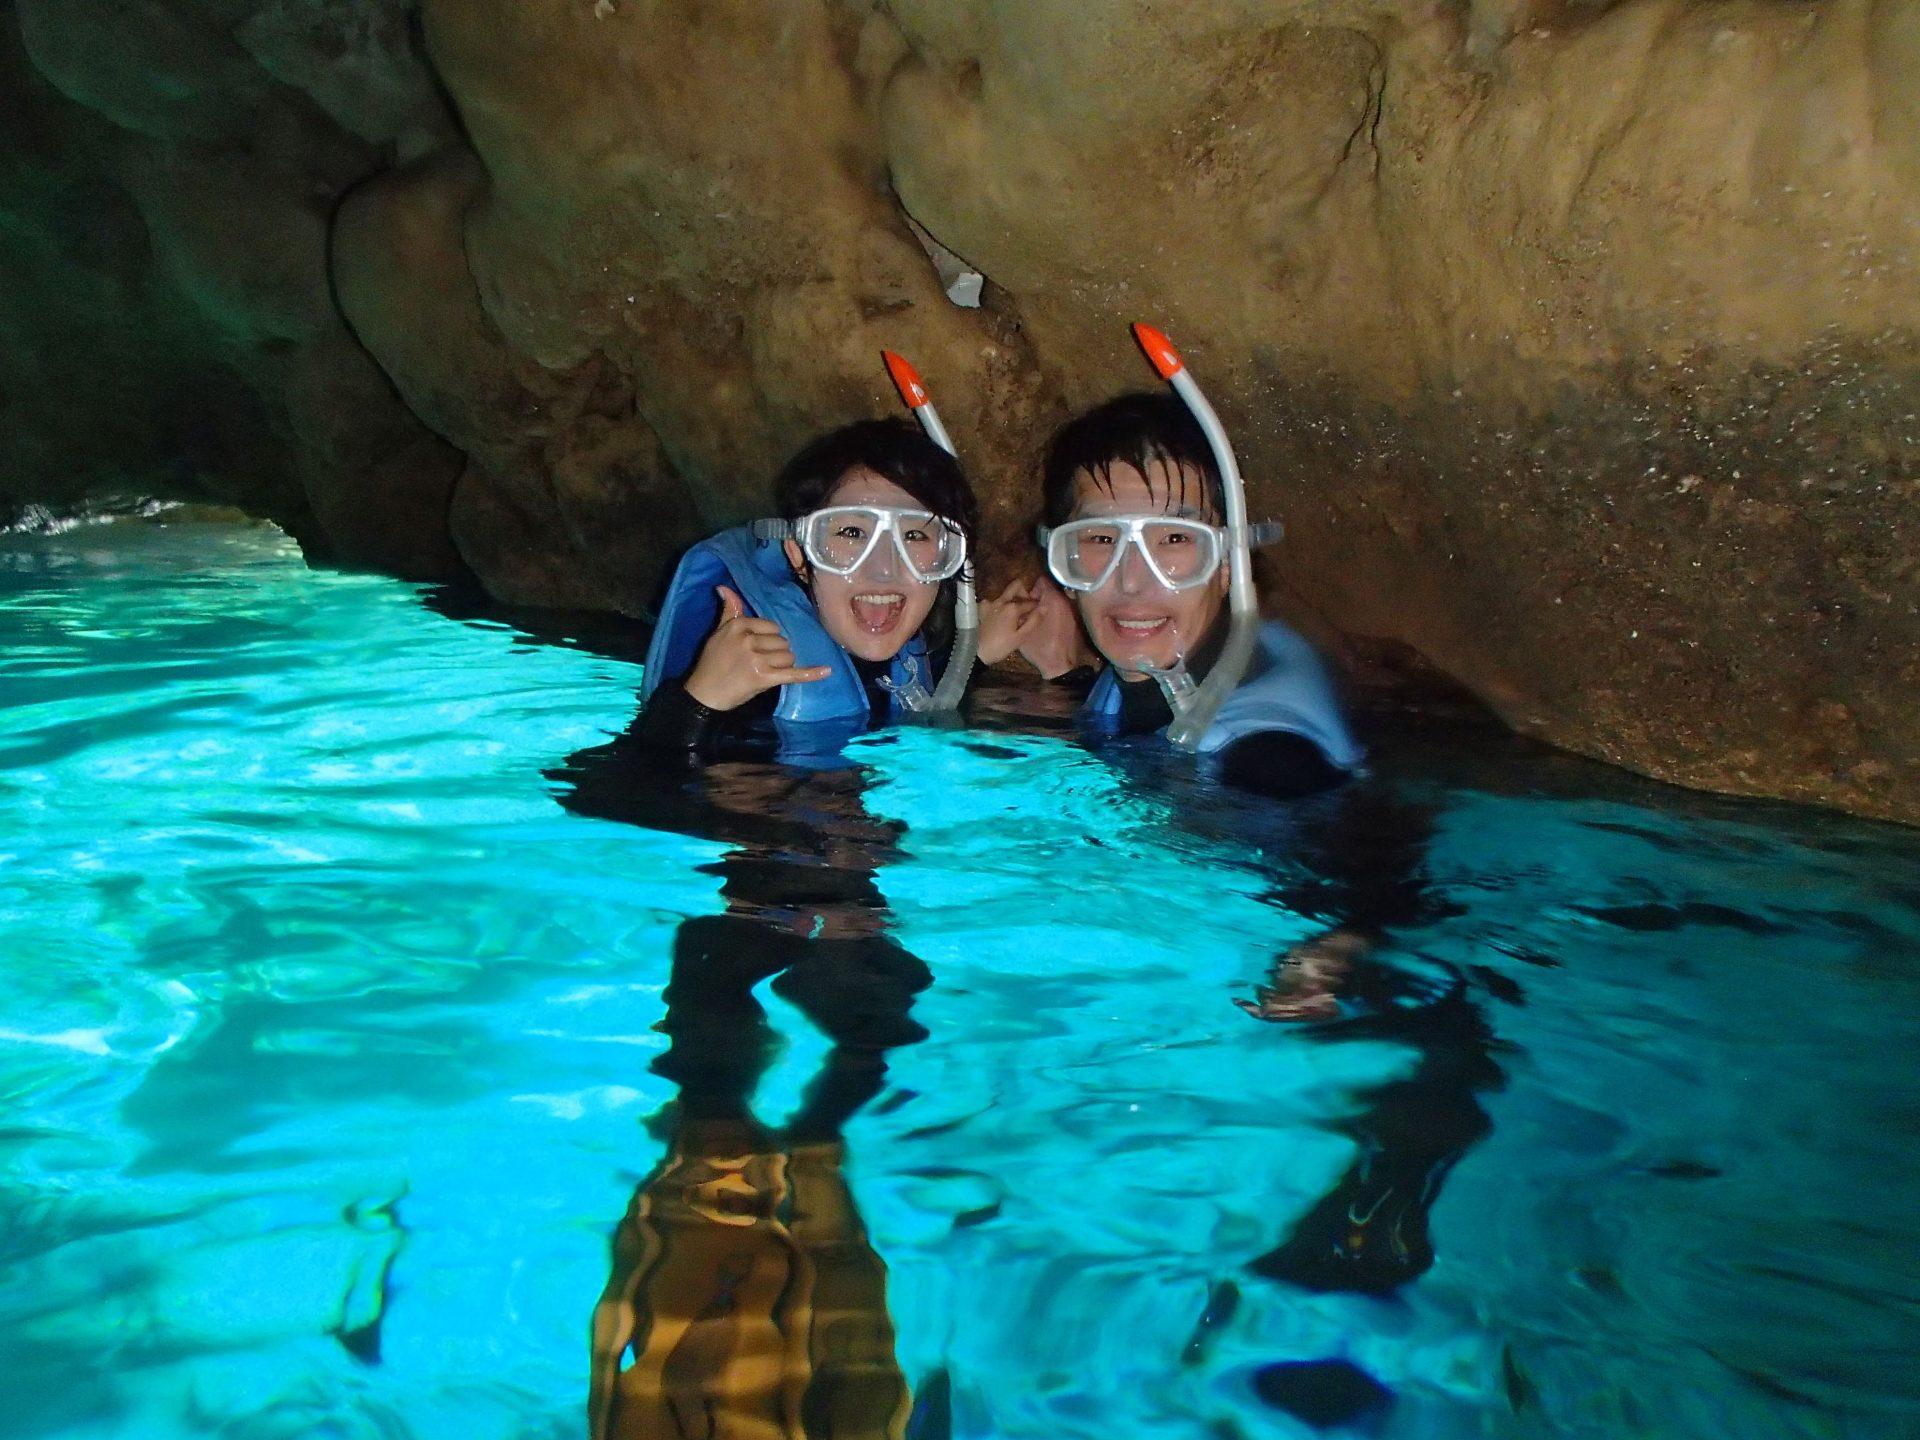 おすすめマリンアクティビティ①青の洞窟シュノーケリング+フライボート